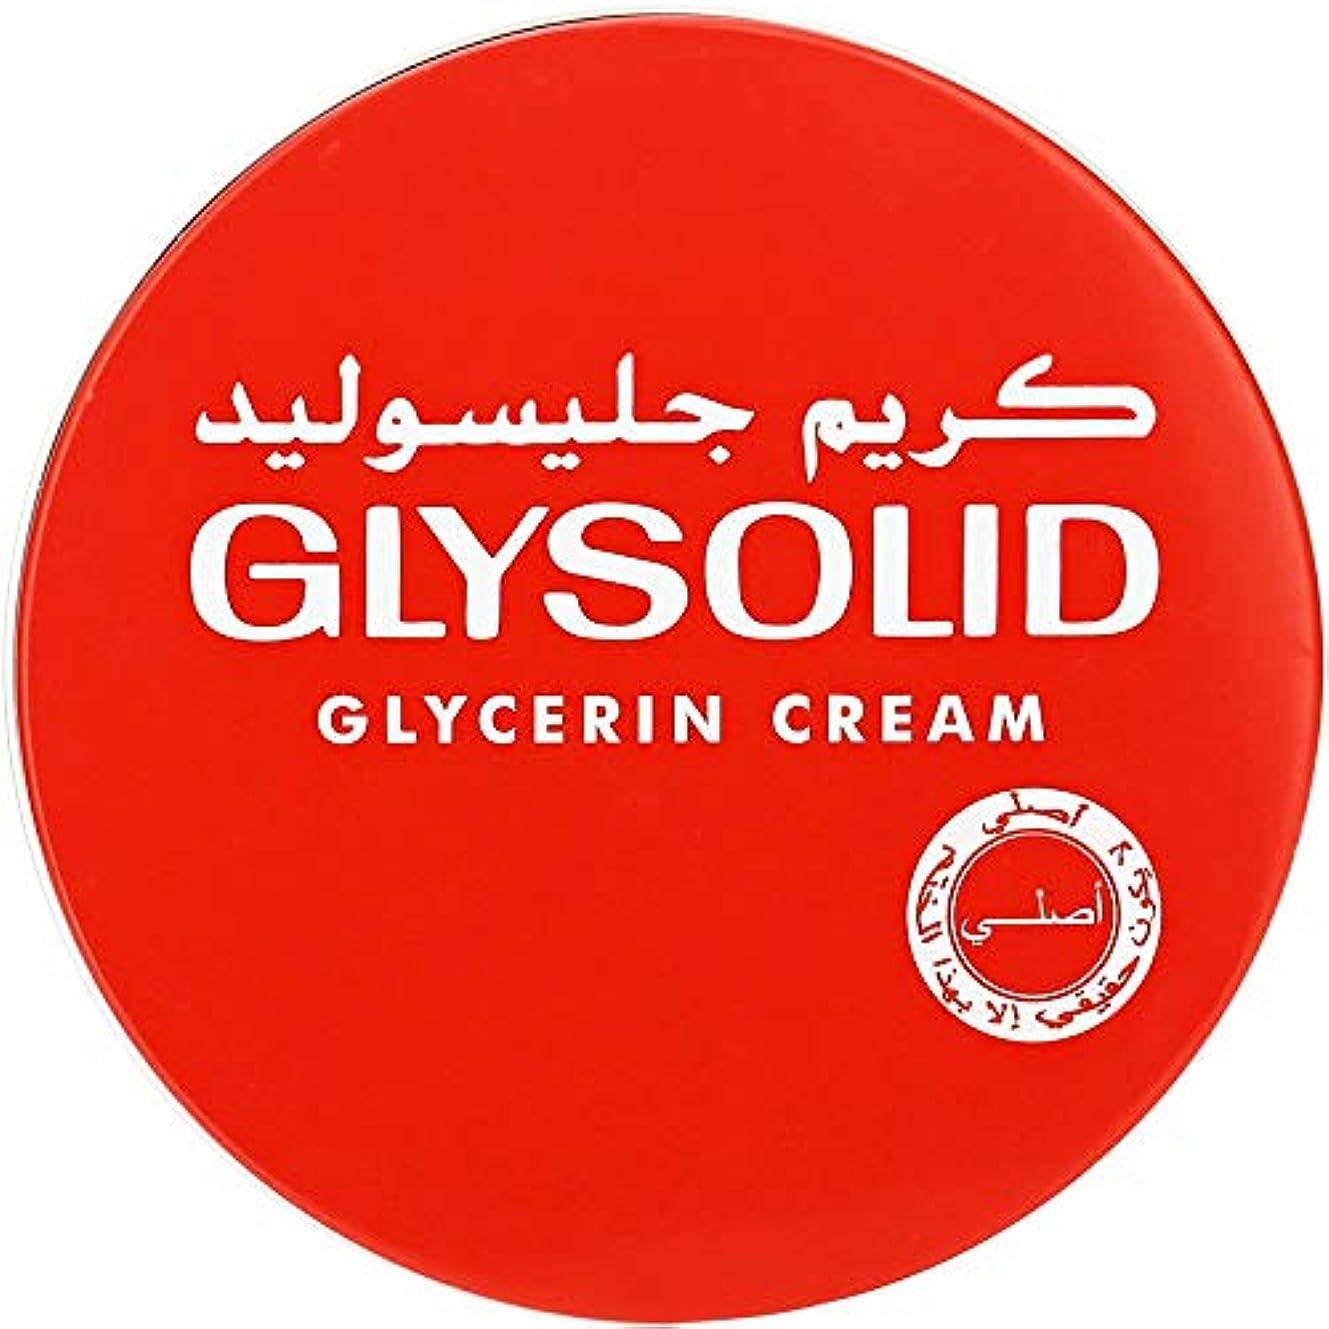 ファッションアジャ主婦Glysolid Cream Face Moisturizers For Dry Skin Hands Feet Elbow Body Softening With Glycerin Keeping Your Skin...